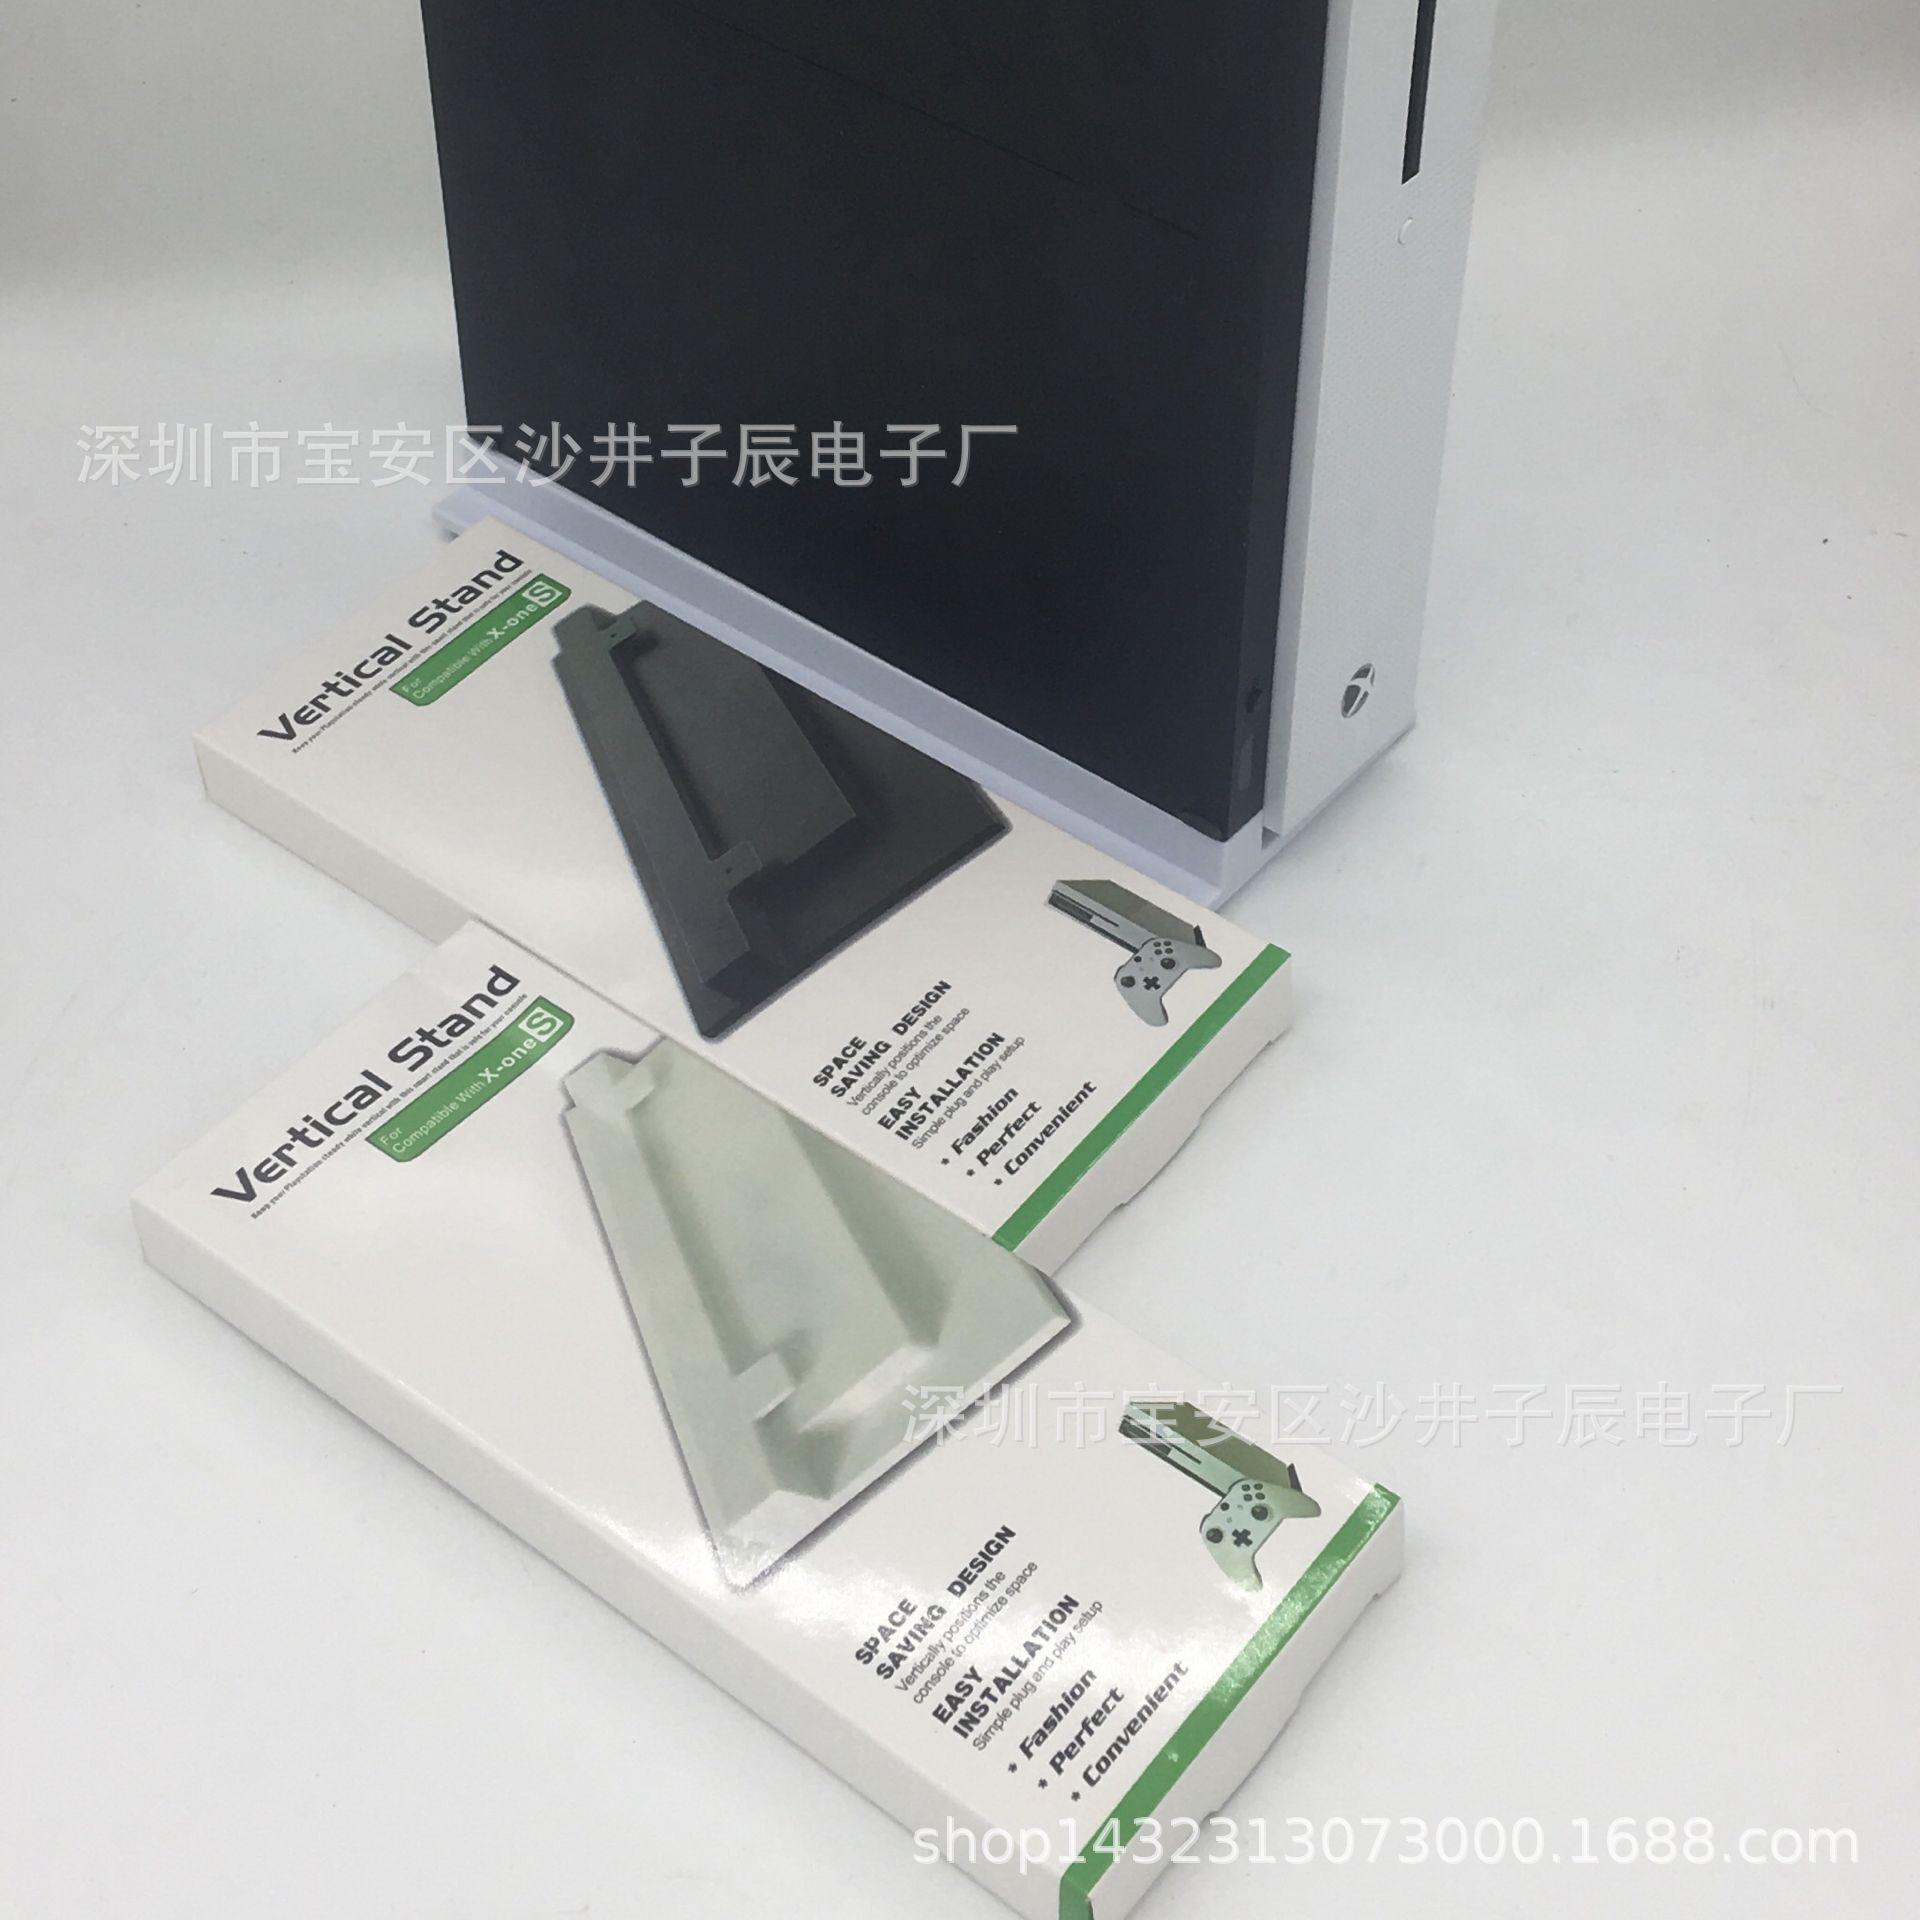 現貨 XBOXONE SLIM/XBOX ONE S 主機支架 底座支架 立式支架 直立支架